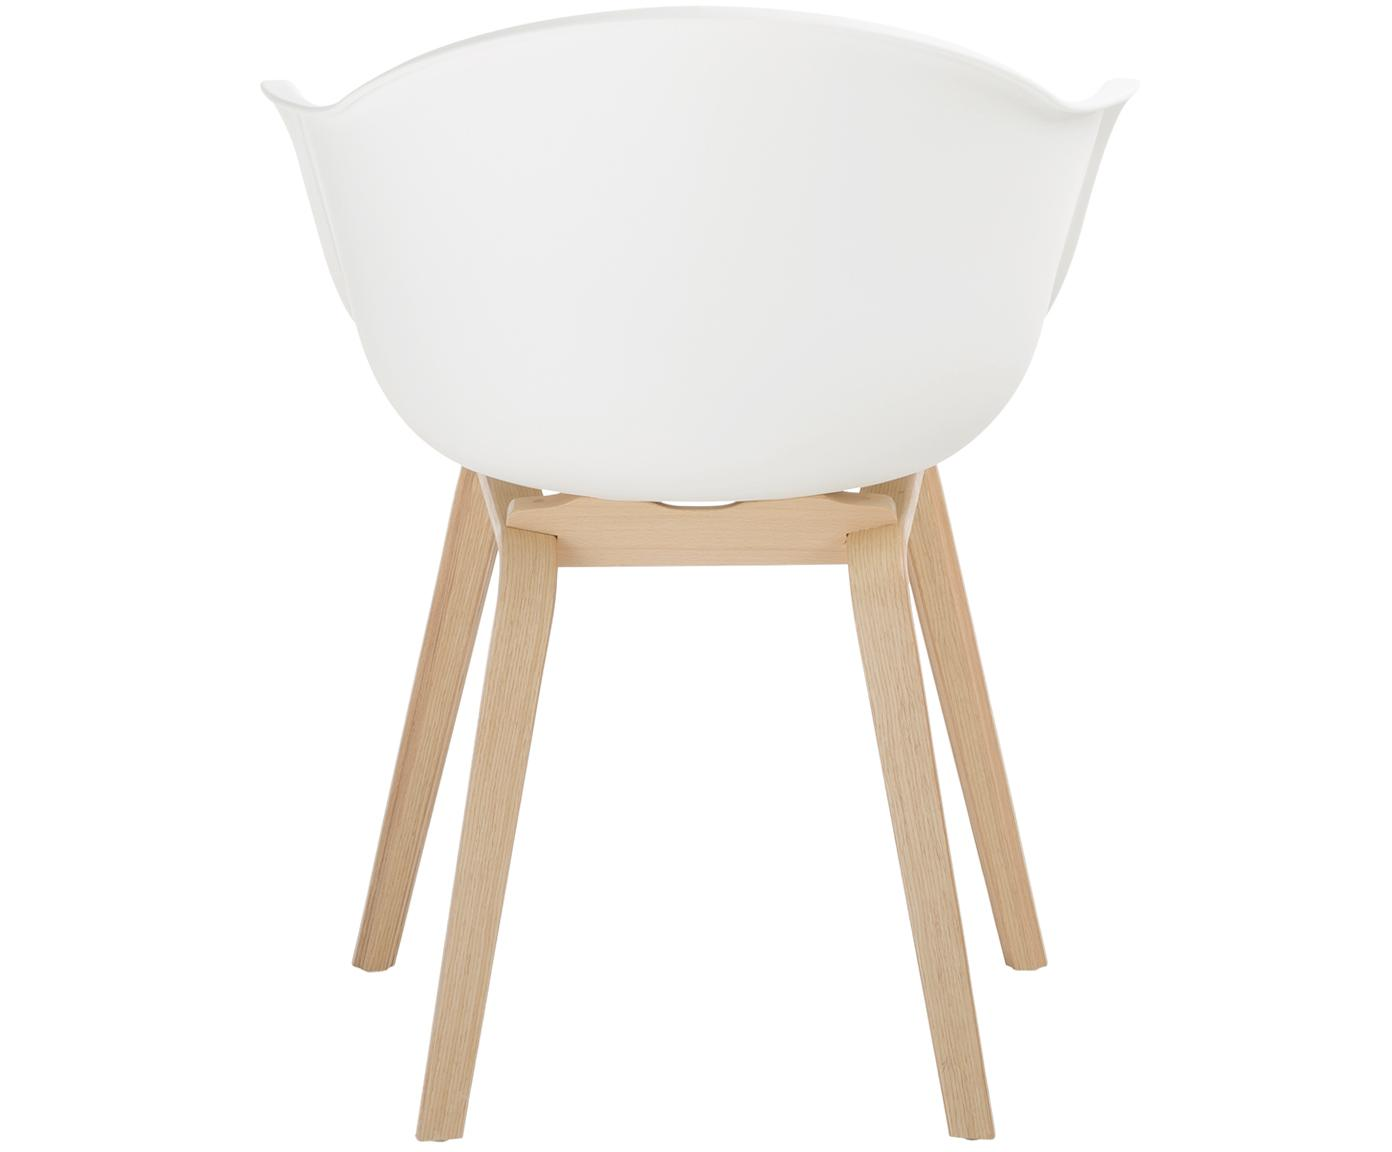 Kunststoffen armstoel Claire met houten poten, Zitvlak: kunststof, Poten: beukenhout, Zitvlak: wit. Poten: beukenhoutkleurig, B 61 x D 58 cm